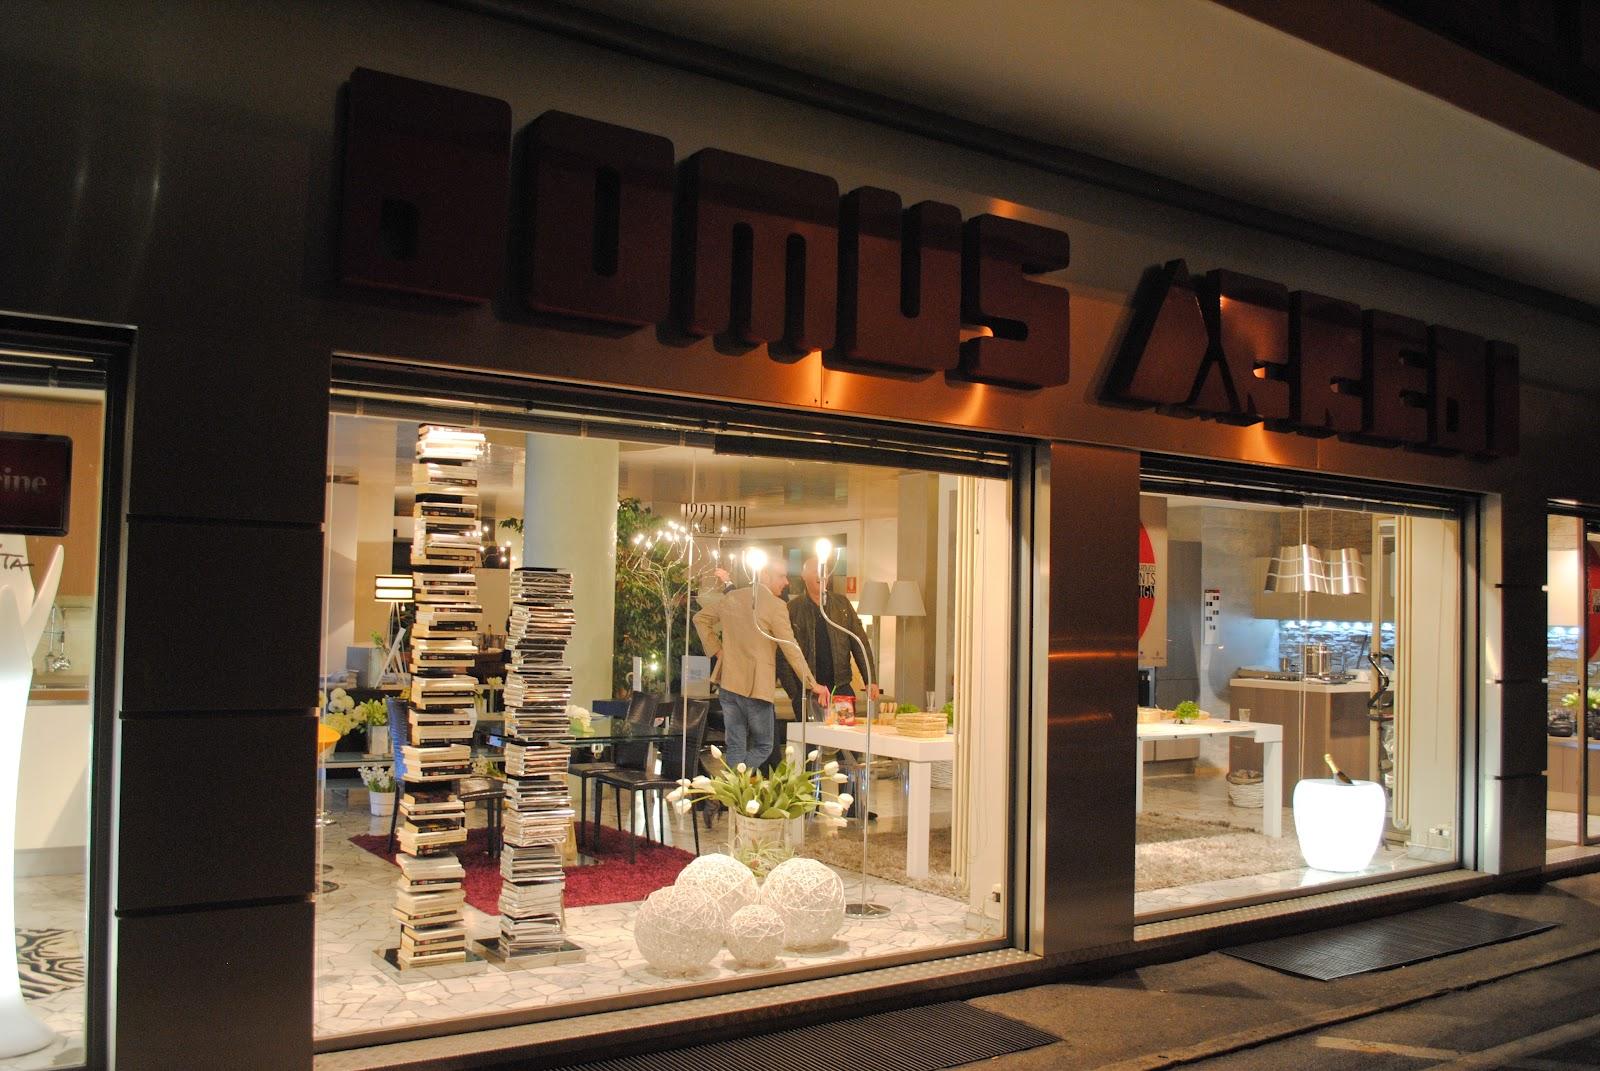 Domus arredi aprile 2012 for Domus arredo